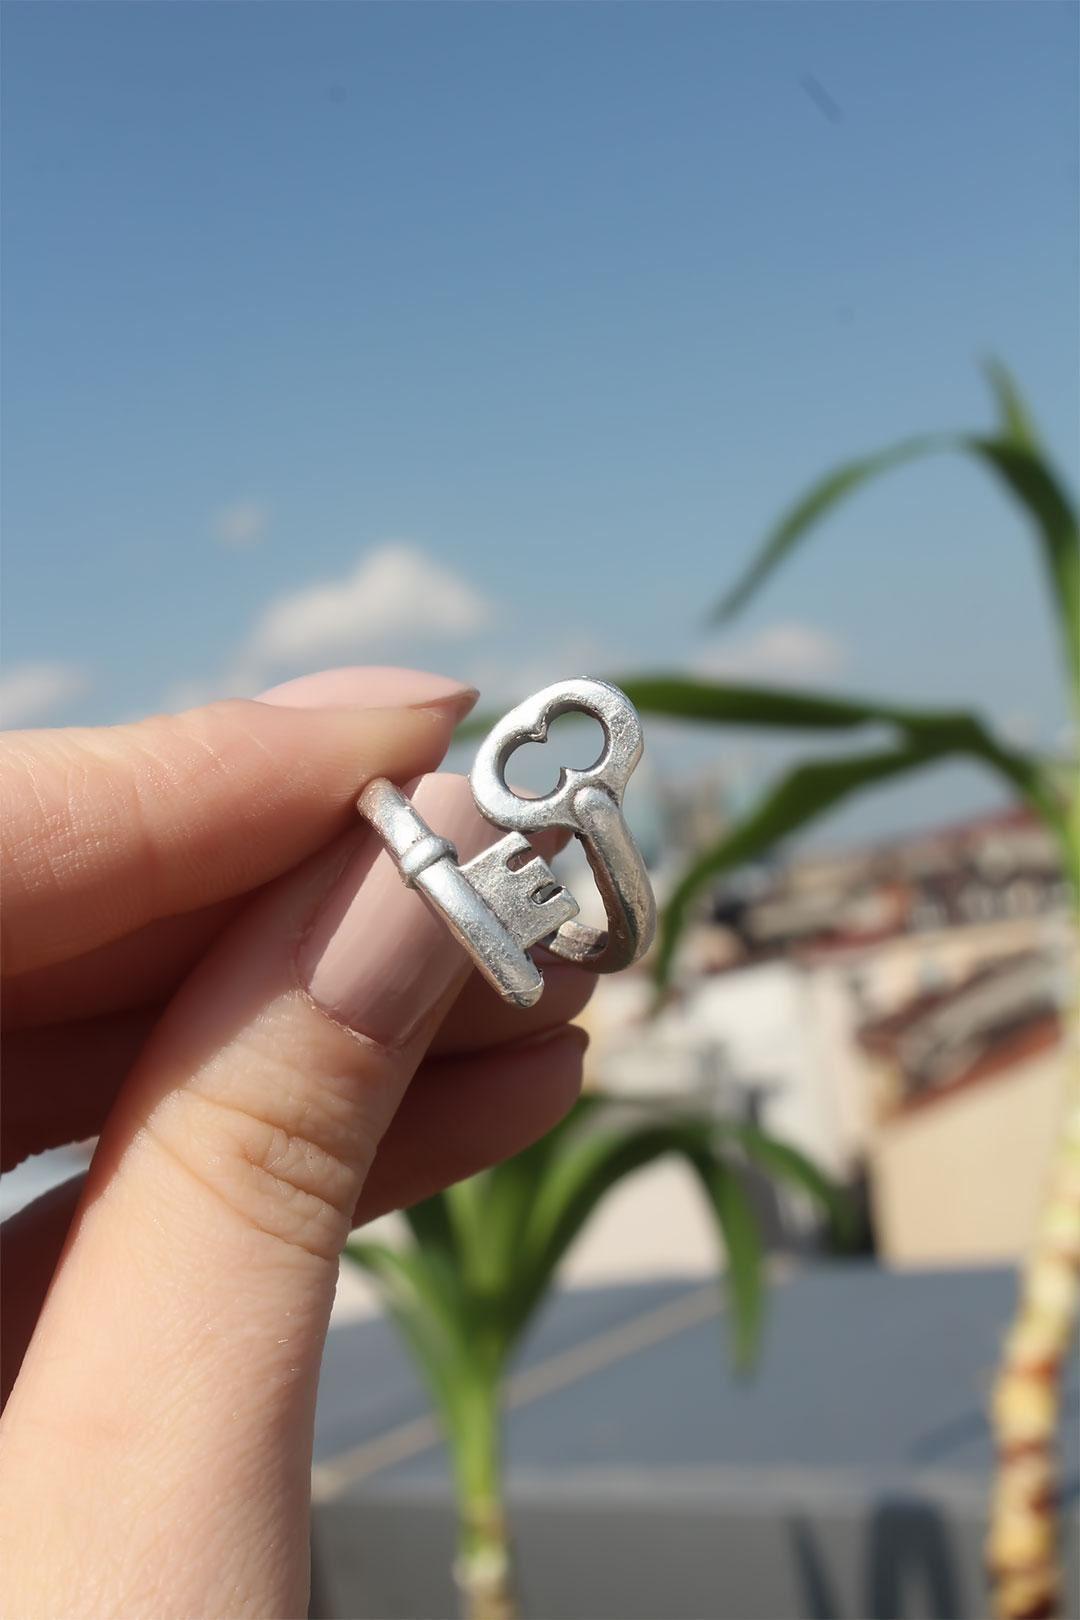 Anahtar Kilit Tasarımlı Metal Ayarlamalı Antik Yüzük